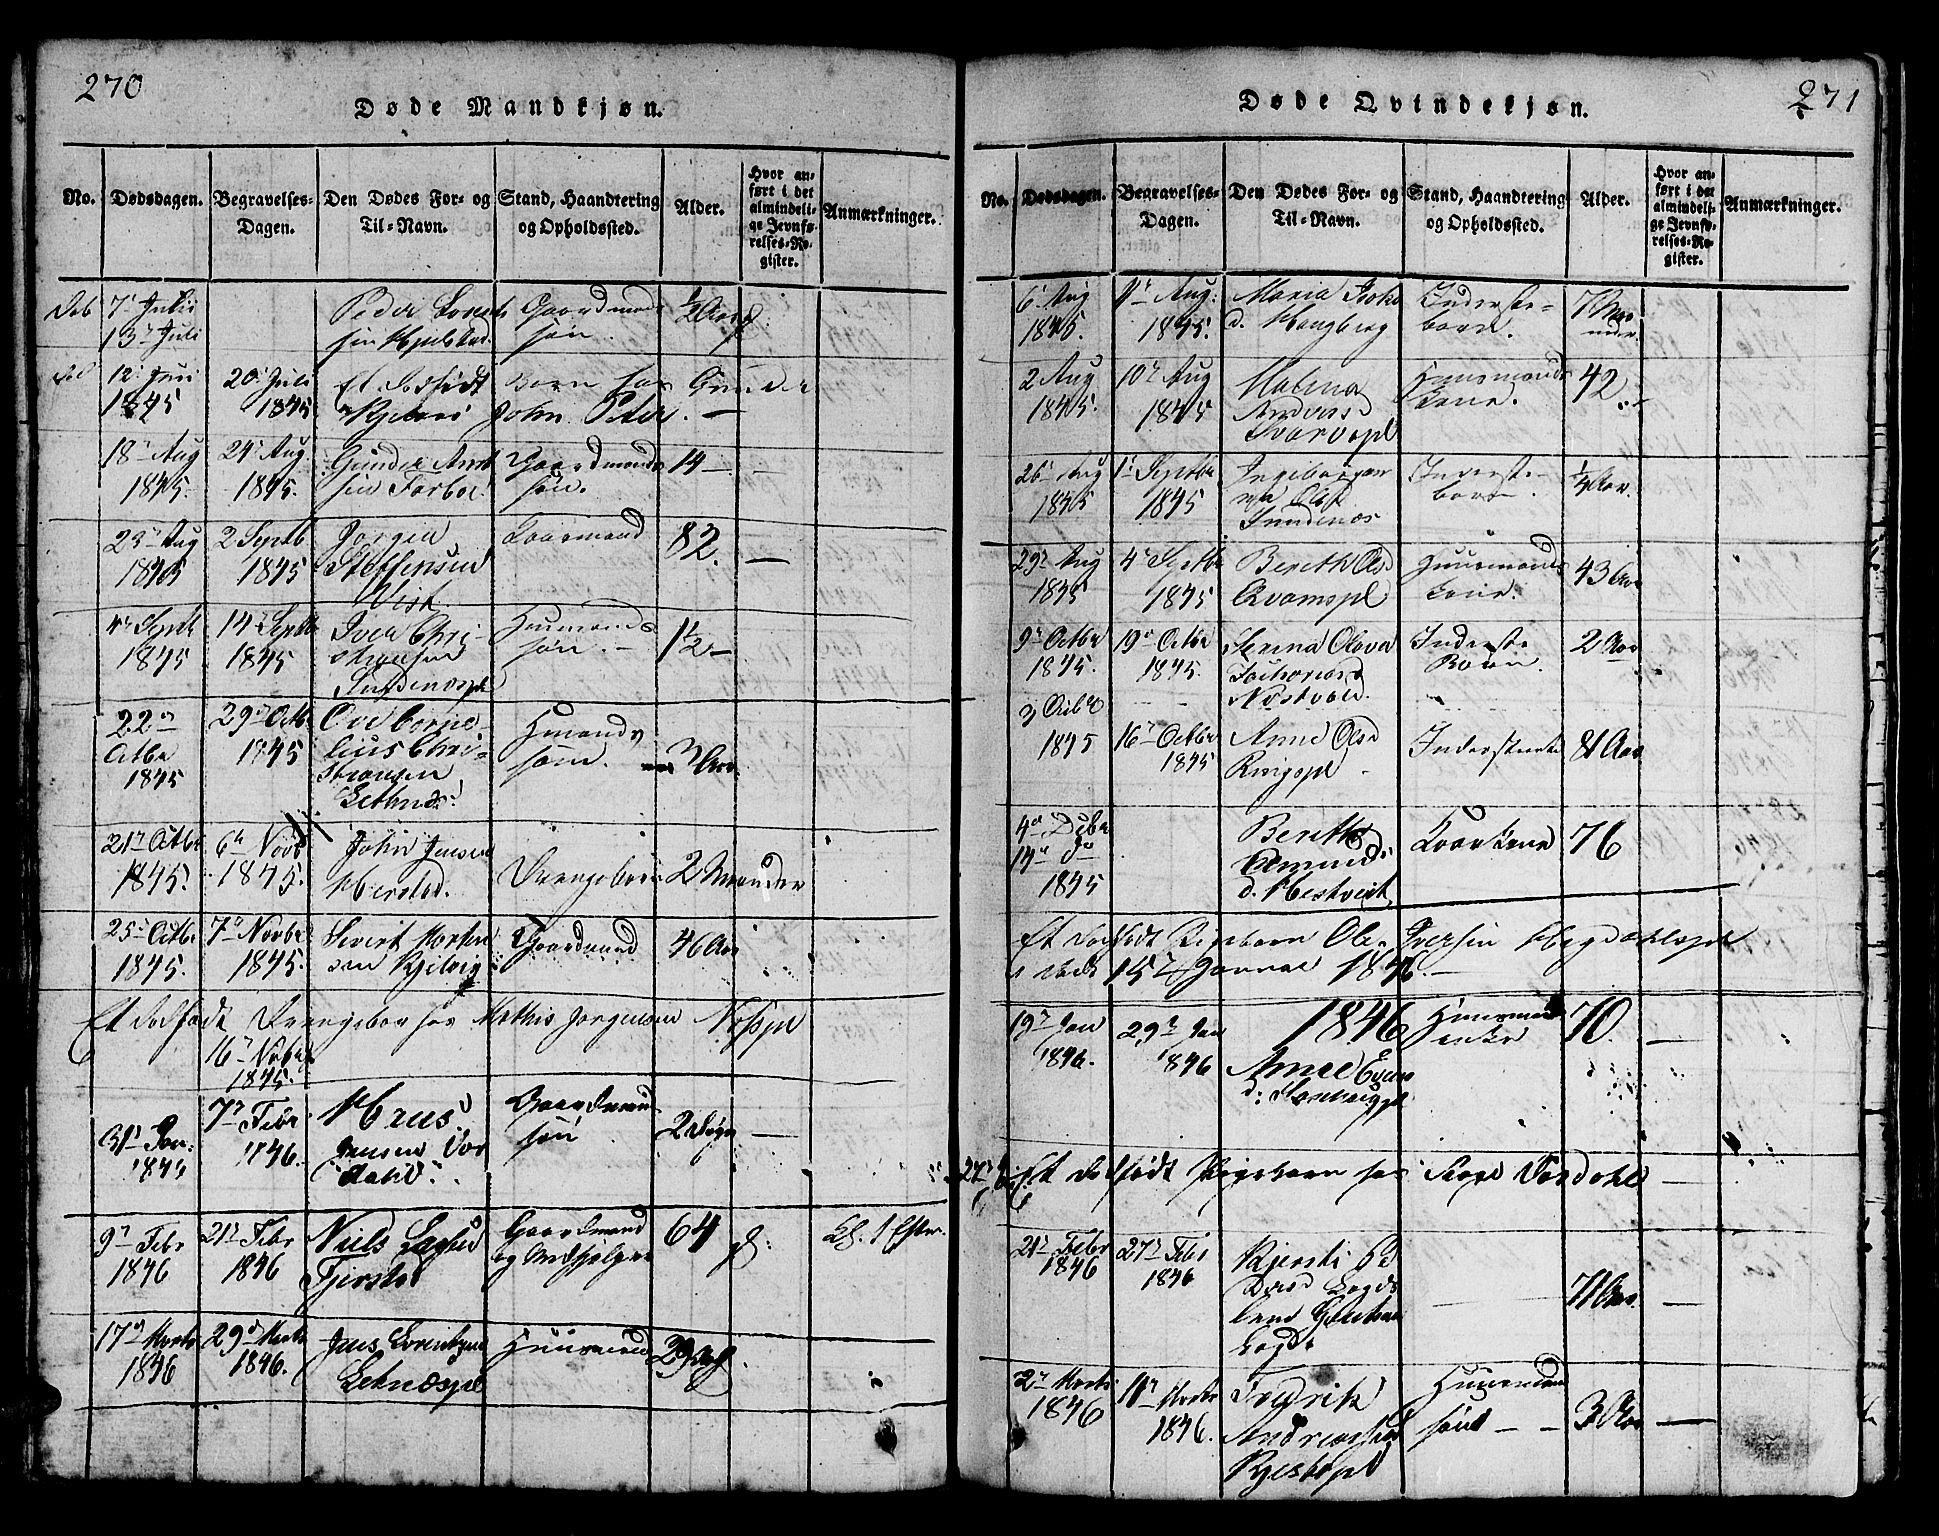 SAT, Ministerialprotokoller, klokkerbøker og fødselsregistre - Nord-Trøndelag, 730/L0298: Klokkerbok nr. 730C01, 1816-1849, s. 270-271